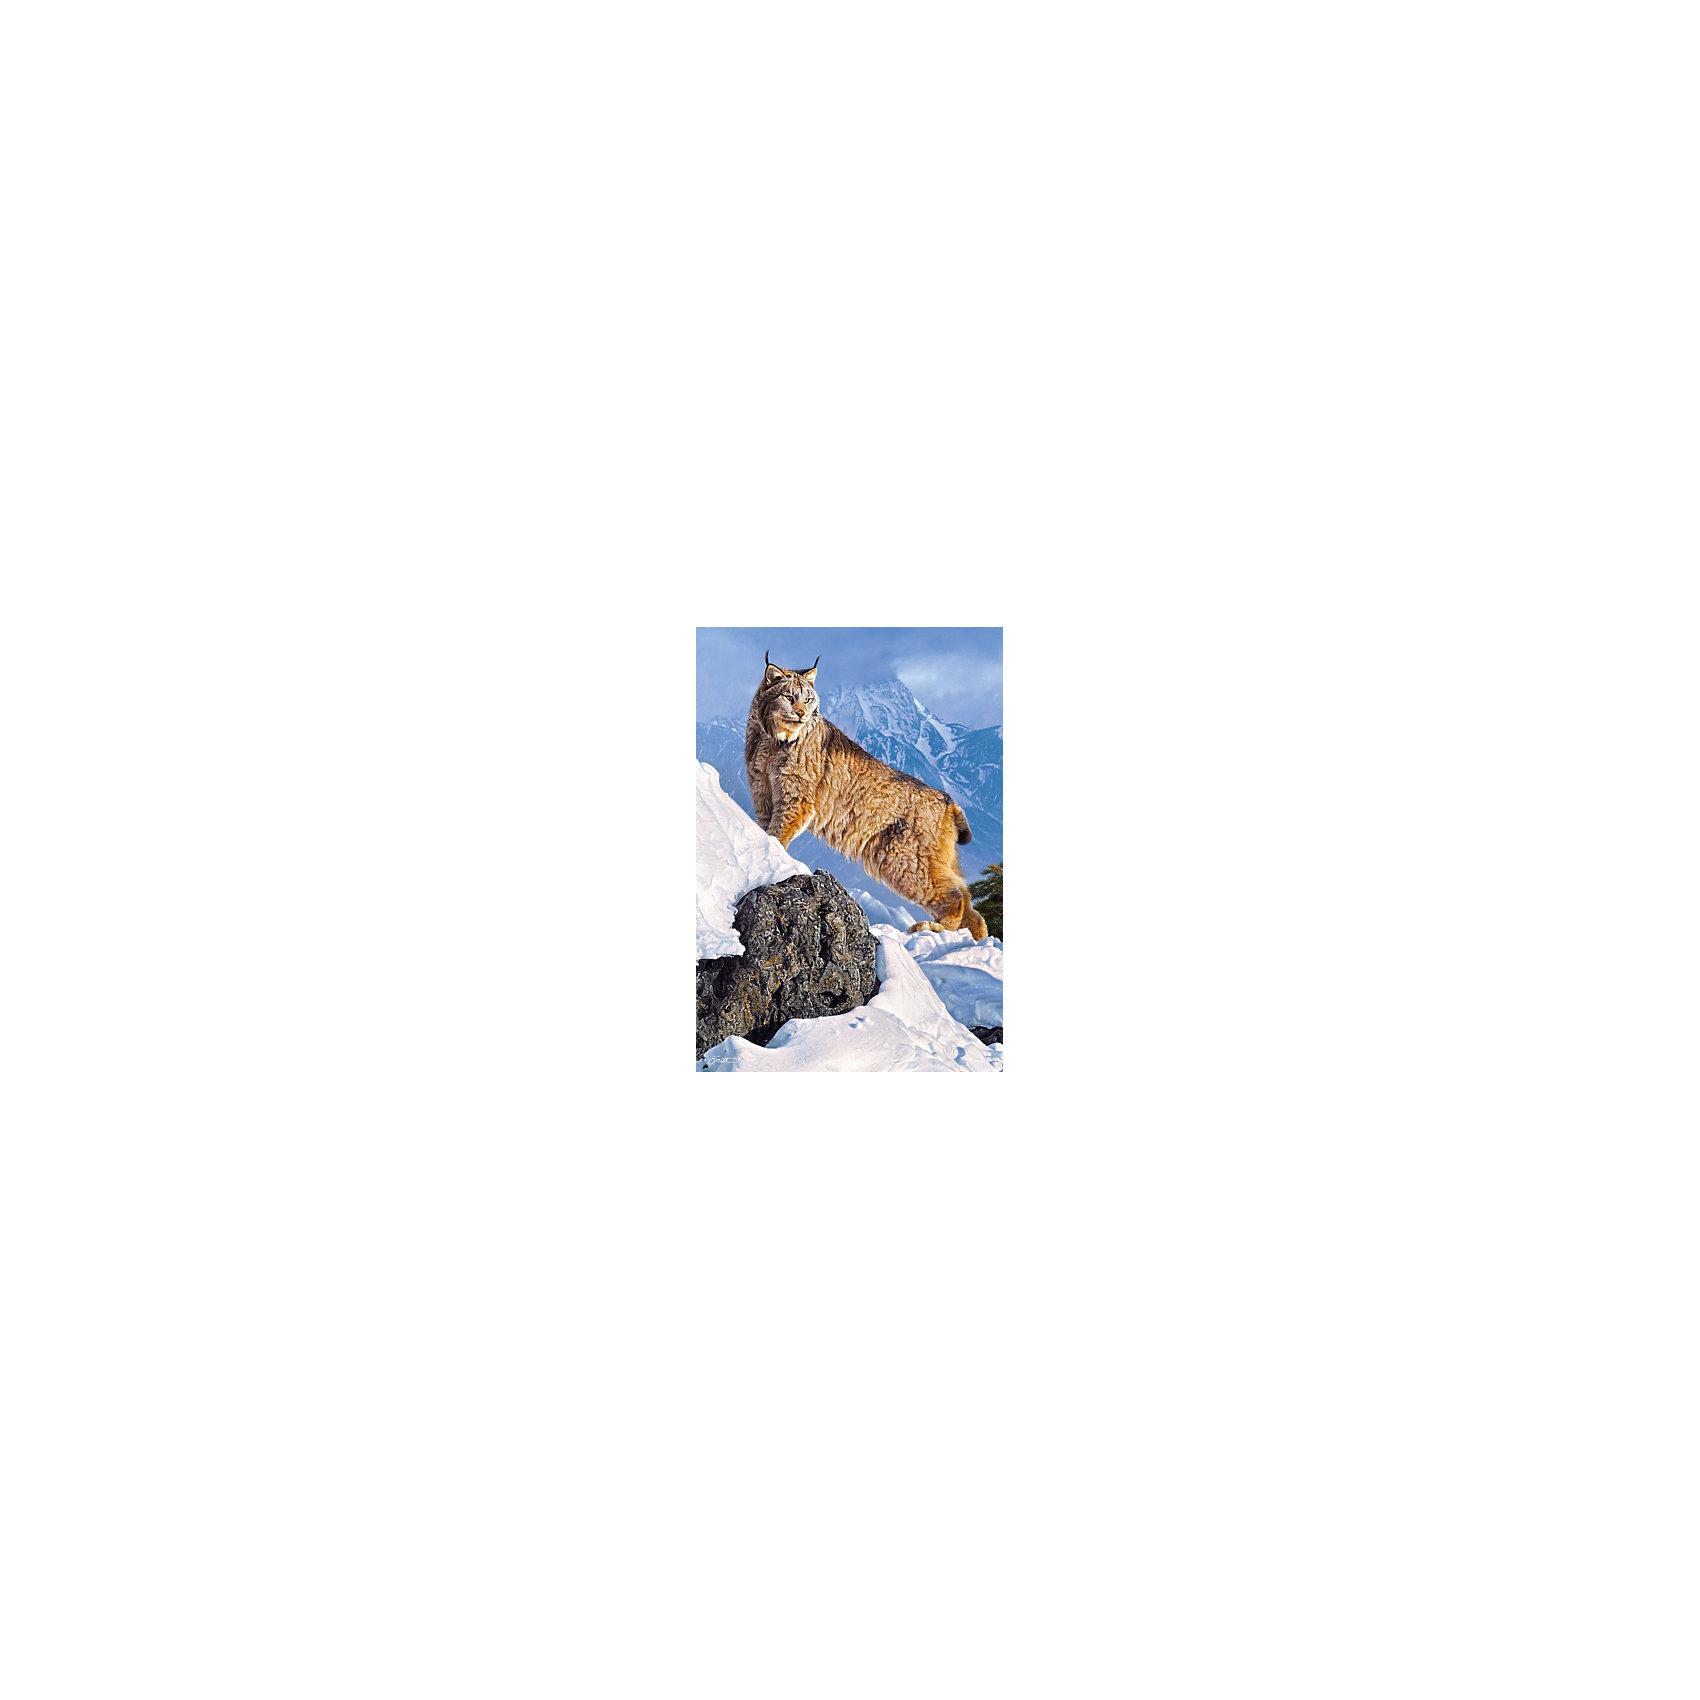 Пазл Рысь в горах, 1000 деталей, CastorlandПазлы для детей постарше<br>Пазл Рысь в горах, 1000 деталей, Castorland, (Касторленд)<br><br>Характеристики:<br><br>• яркие цвета<br>• привлекательная картинка<br>• количество деталей: 1000<br>• размер пазла: 68х47 см<br>• размер упаковки: 35х25х5 см<br><br>Набор пазлов от Касторленд позволит ребенку собрать красивую картинку с изображением рыси в снежных горах. В набор входит 1000 четких деталей из плотного картона. Игра с пазлами хорошо развивает логическое мышление, моторику рук, усидчивость и пространственное мышление.<br><br>Пазл Рысь в горах, 1000 деталей, Castorland, (Касторленд) можно купить в нашем интернет-магазине.<br><br>Ширина мм: 350<br>Глубина мм: 50<br>Высота мм: 250<br>Вес г: 500<br>Возраст от месяцев: 144<br>Возраст до месяцев: 2147483647<br>Пол: Унисекс<br>Возраст: Детский<br>SKU: 5244649